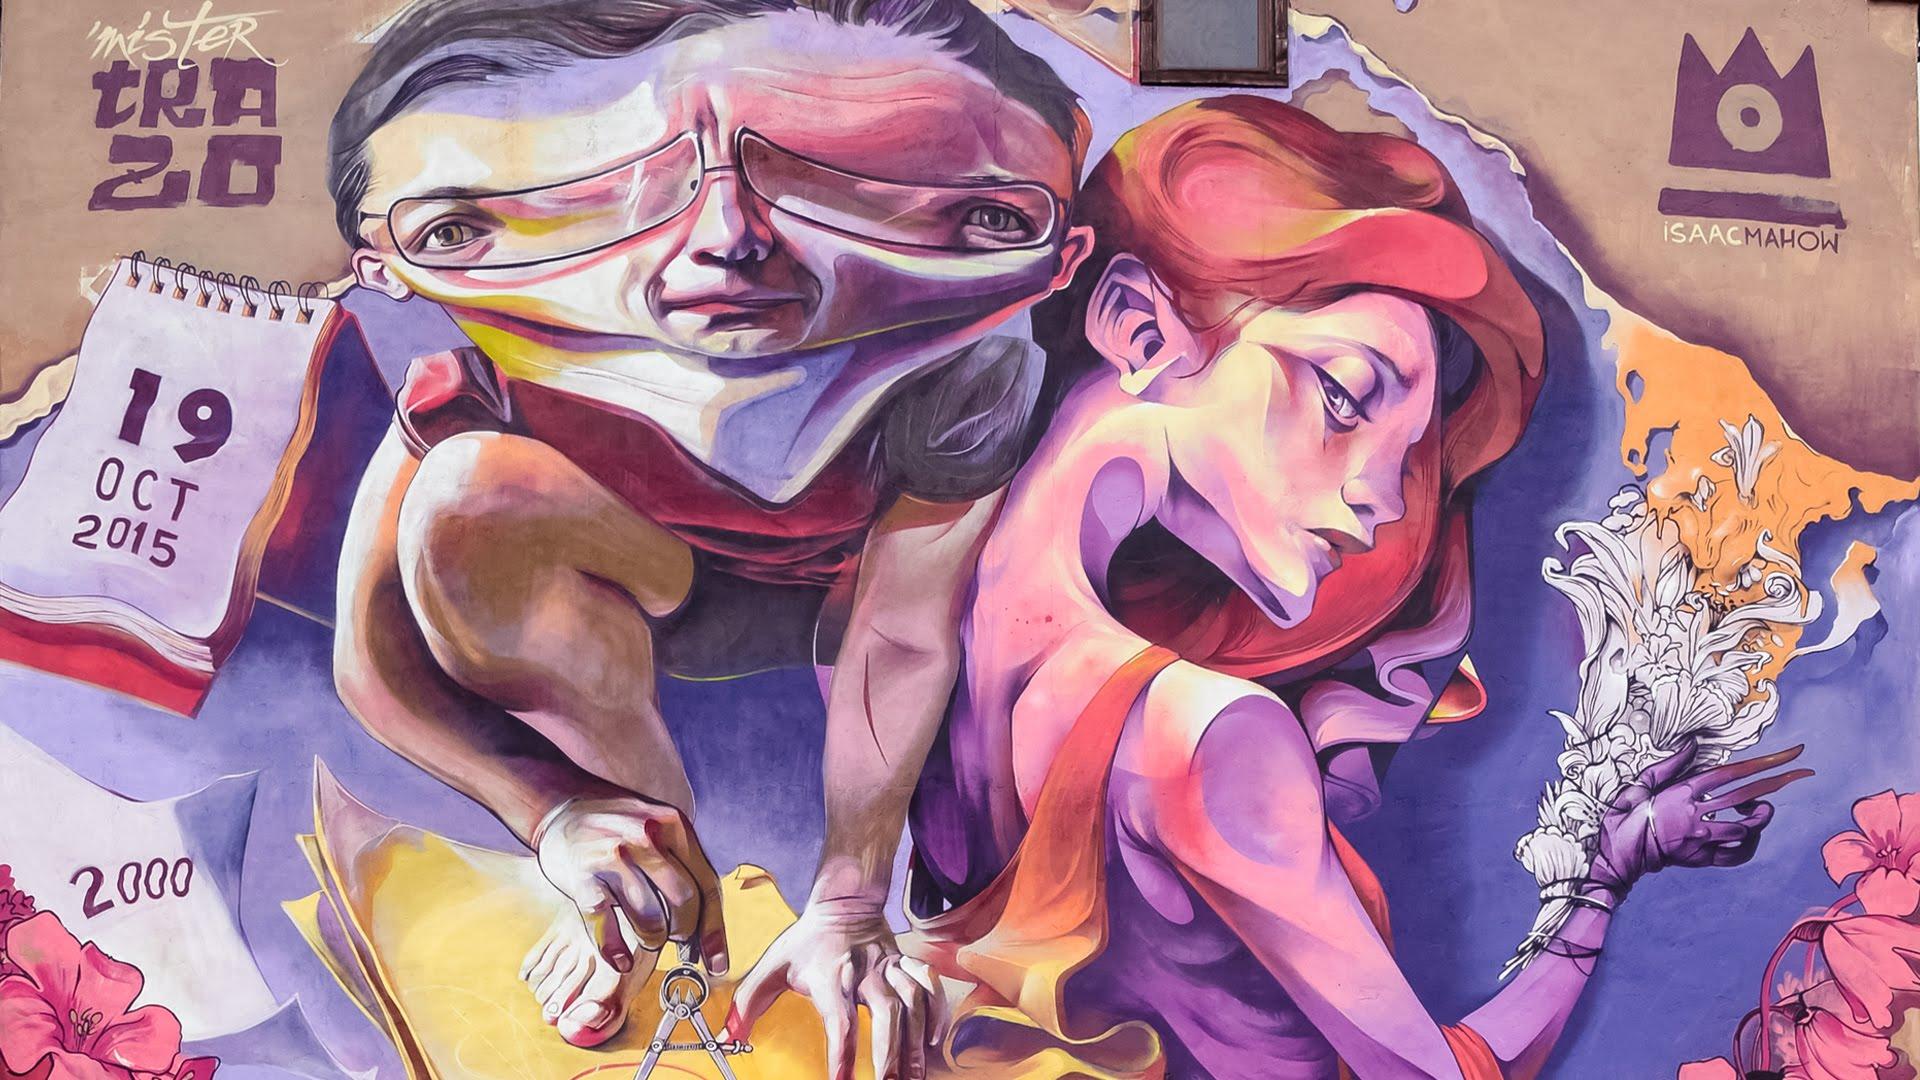 man met vervormd lichaam en vrouw